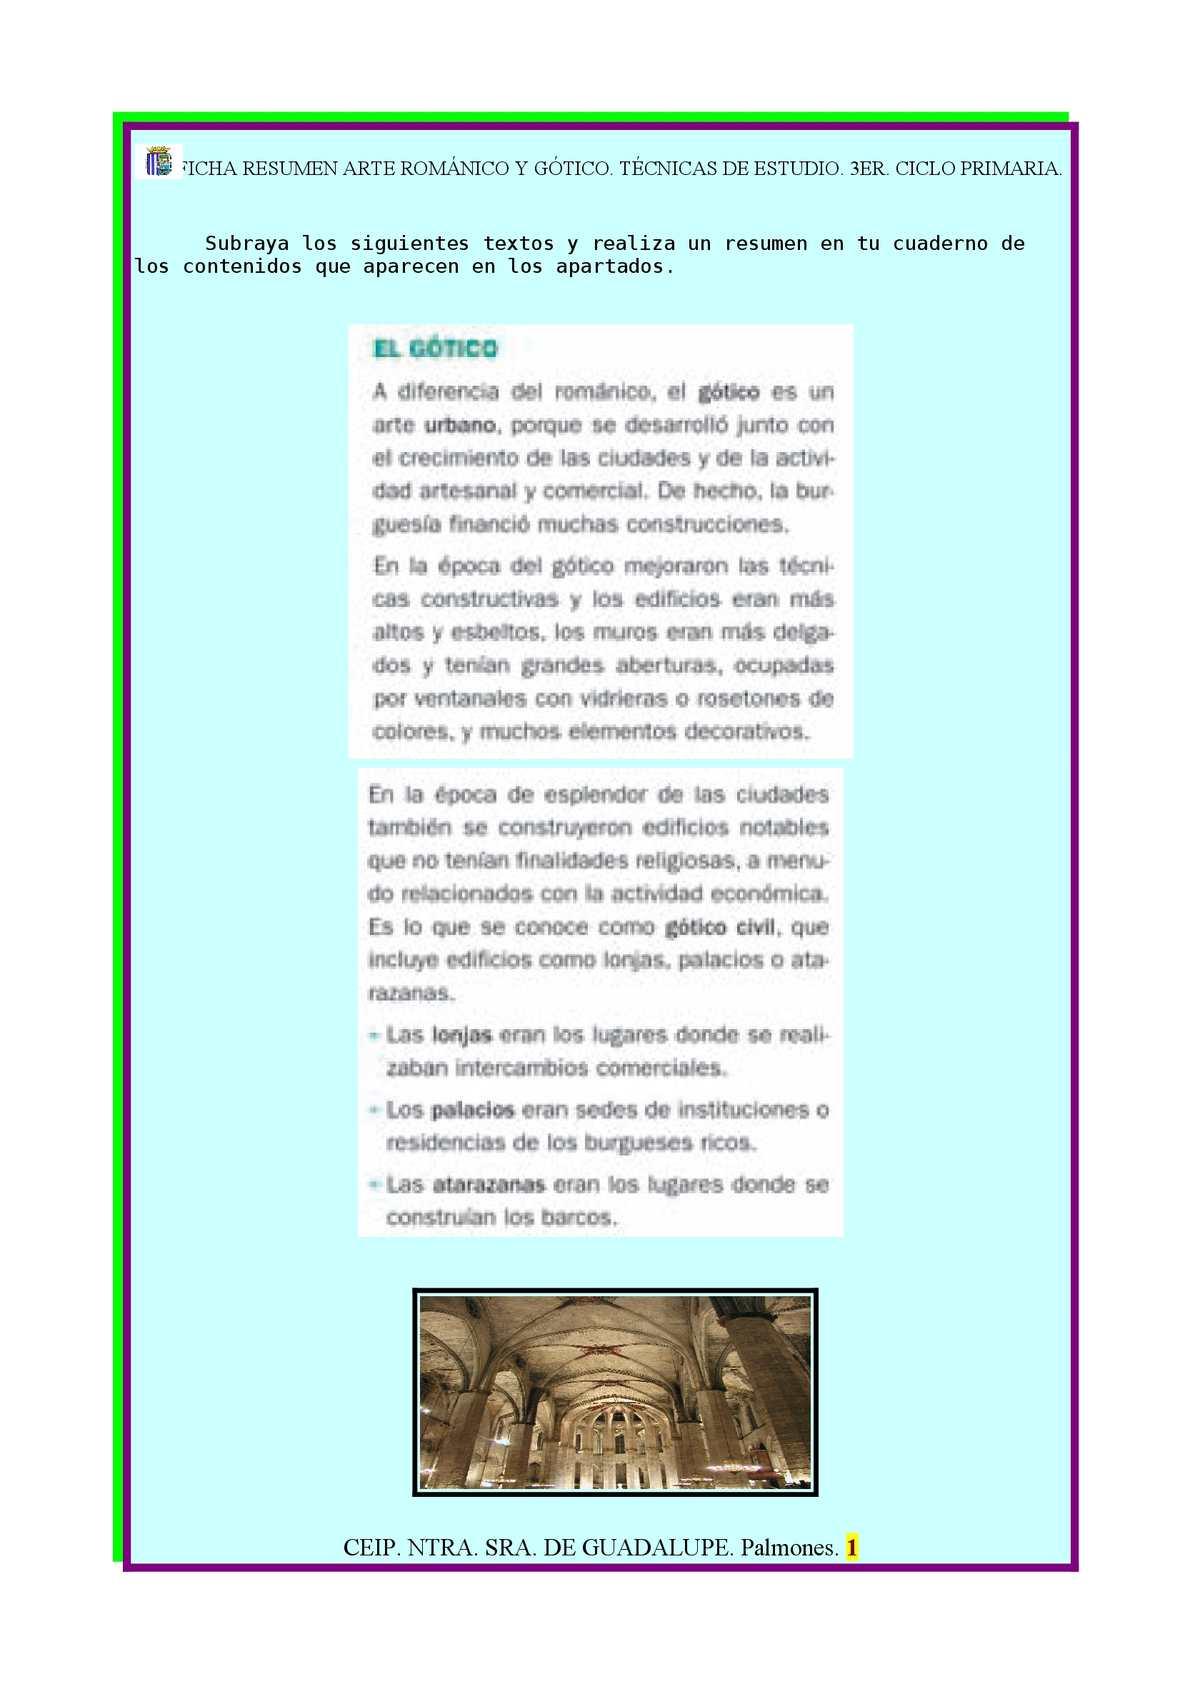 Calaméo Ficha Resumen Arte Románico Y Gótico Técnicas De Estudio Tercer Ciclo Primaria